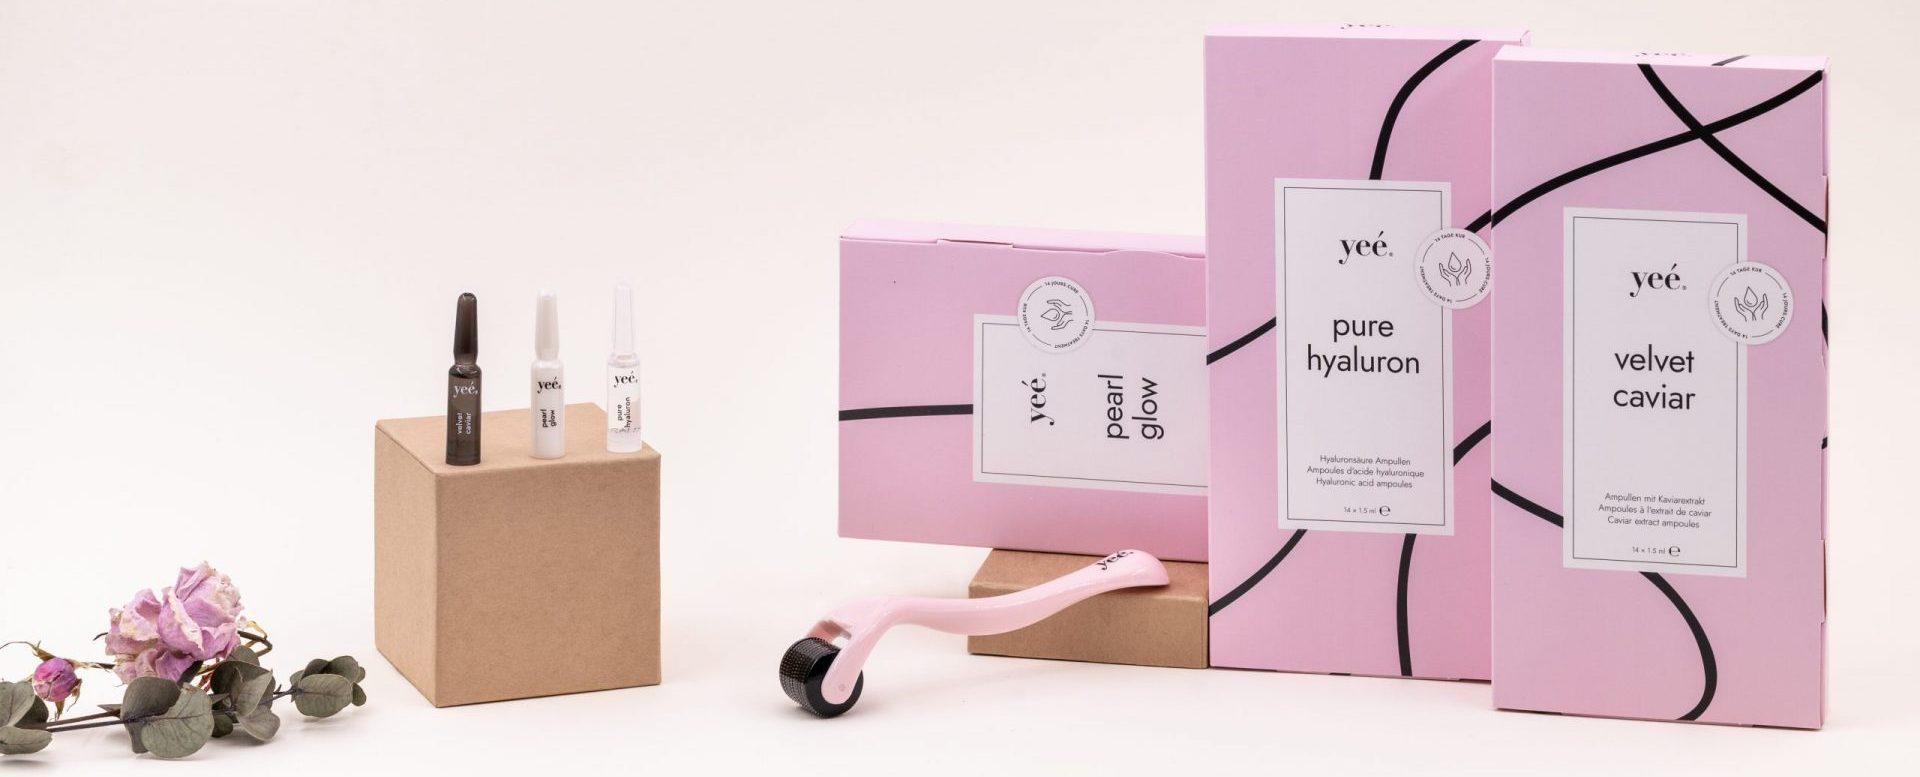 Yeé Cosmetics - 99% Natürlich, vegan, Swiss Made mit Hyaluronsäure, Kaviar Extrakt und Perl Glow